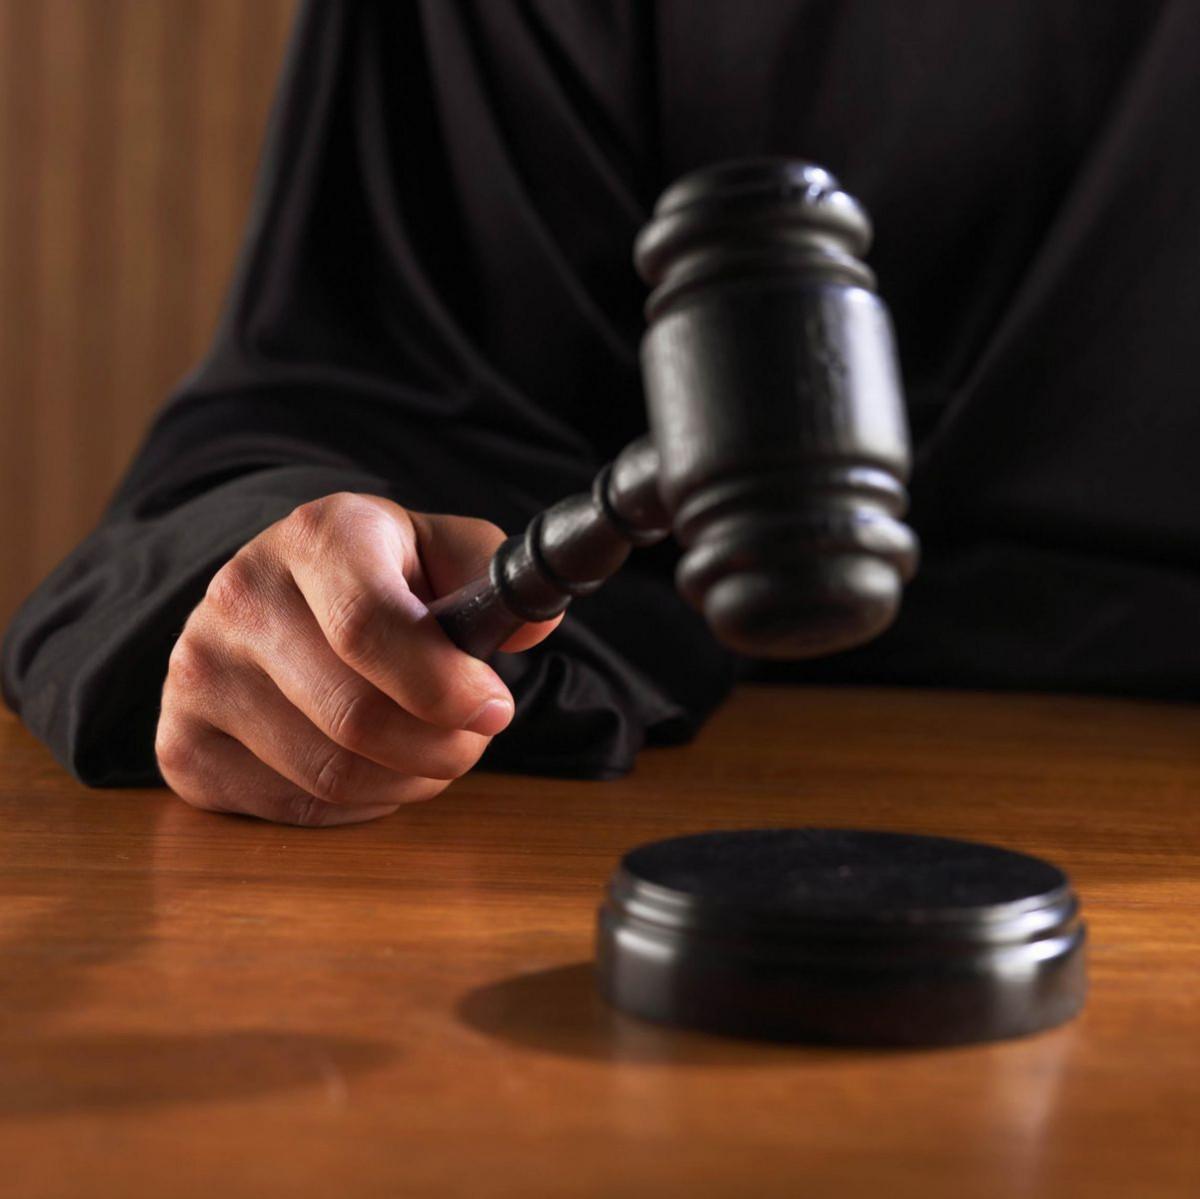 Суд обязал жителя Яшкинского района выплатить школьнику 25 тыс. заунижения